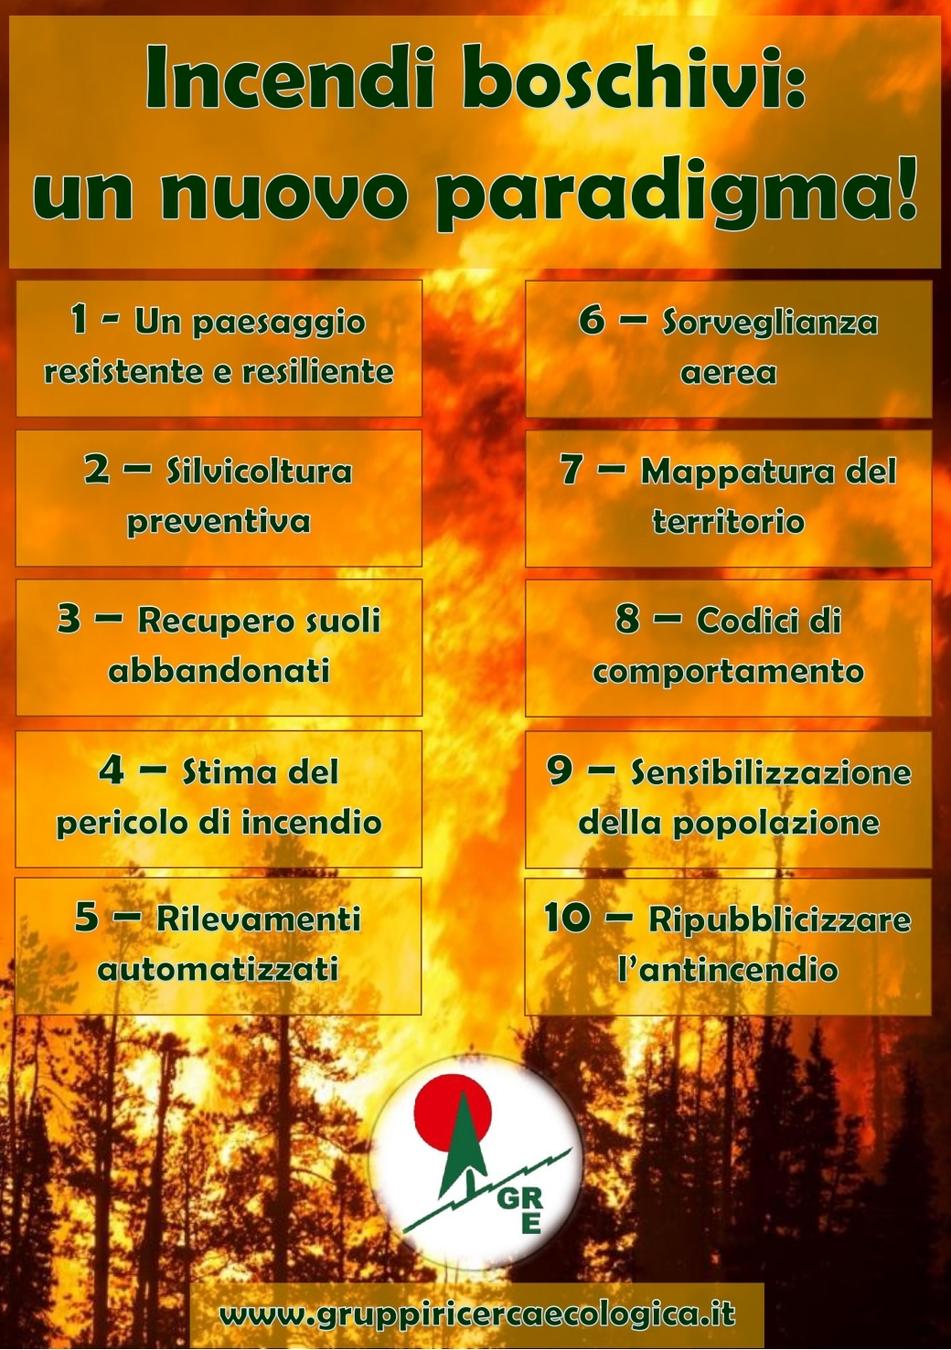 locandina incendi page RID INCENDI E CACCIA, LA PAROLA AI GRUPPI RICERCA ECOLOGICA